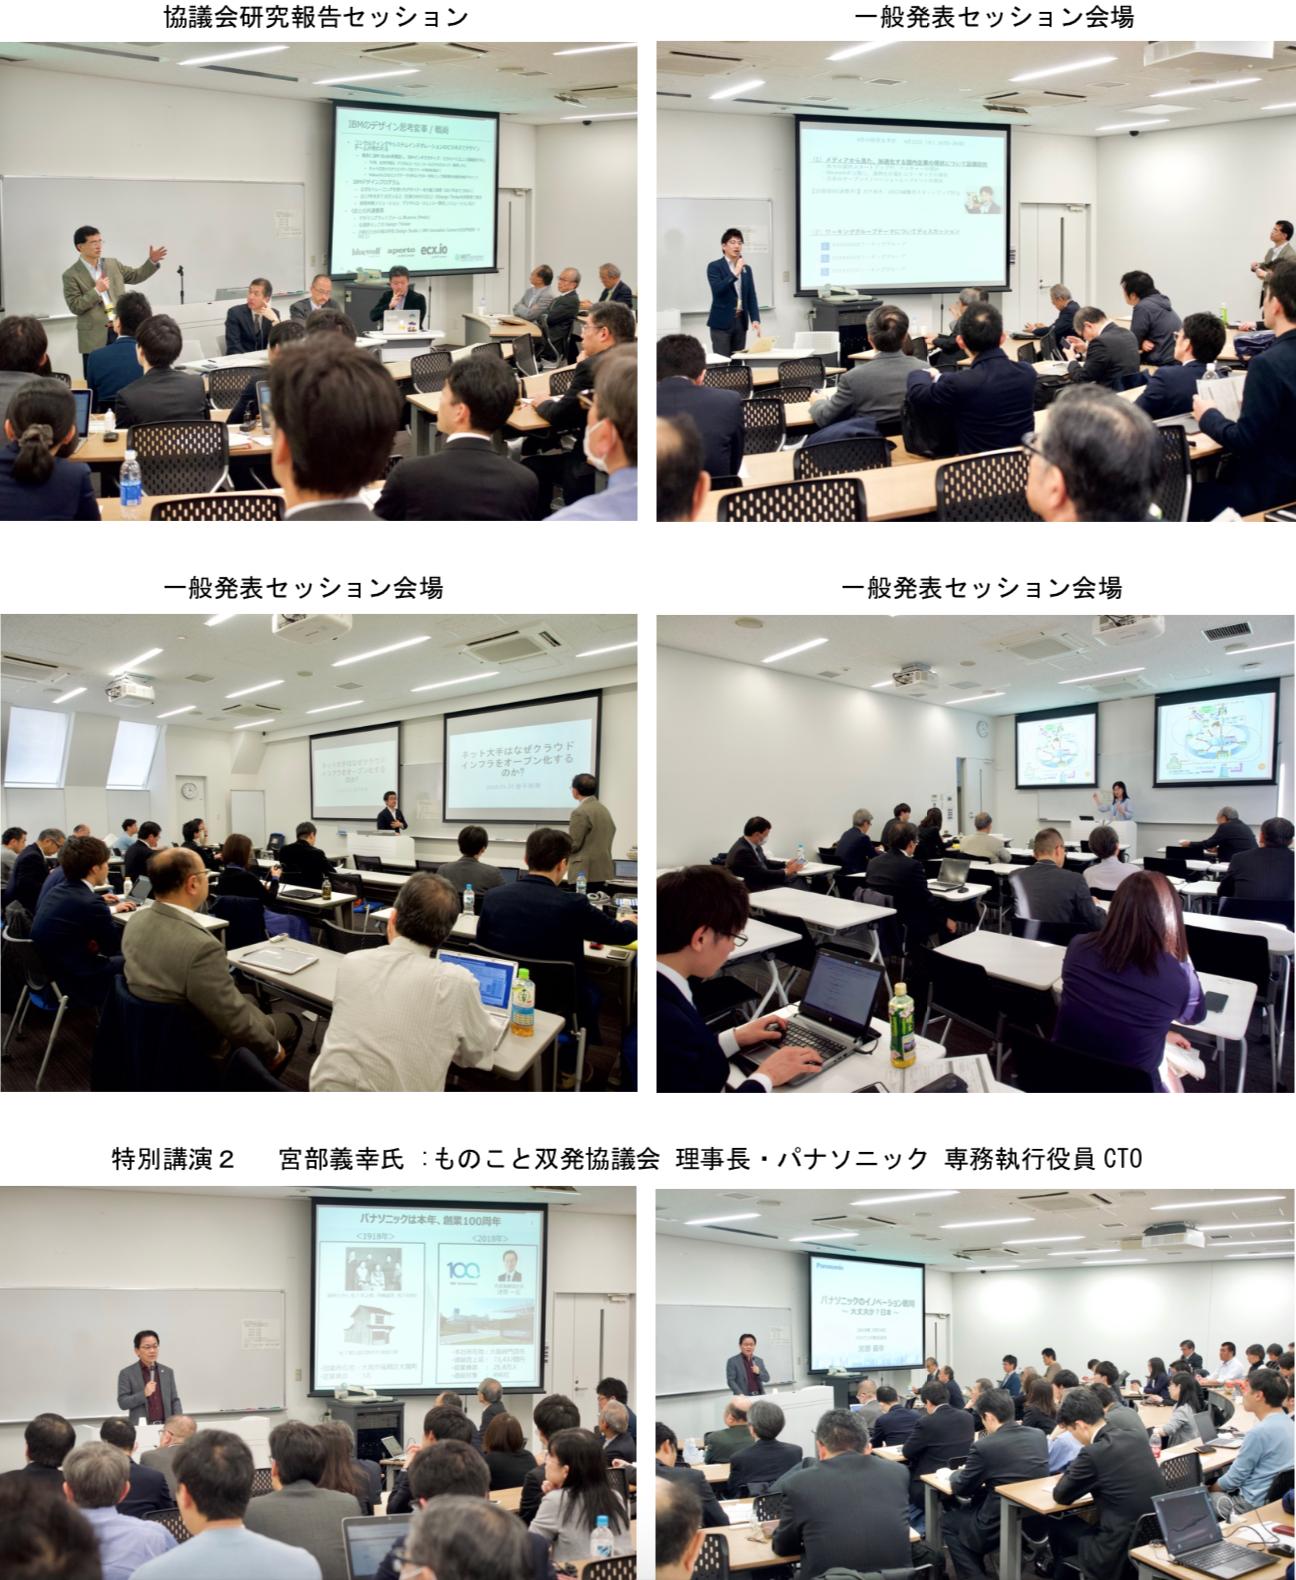 2017taikai_report2